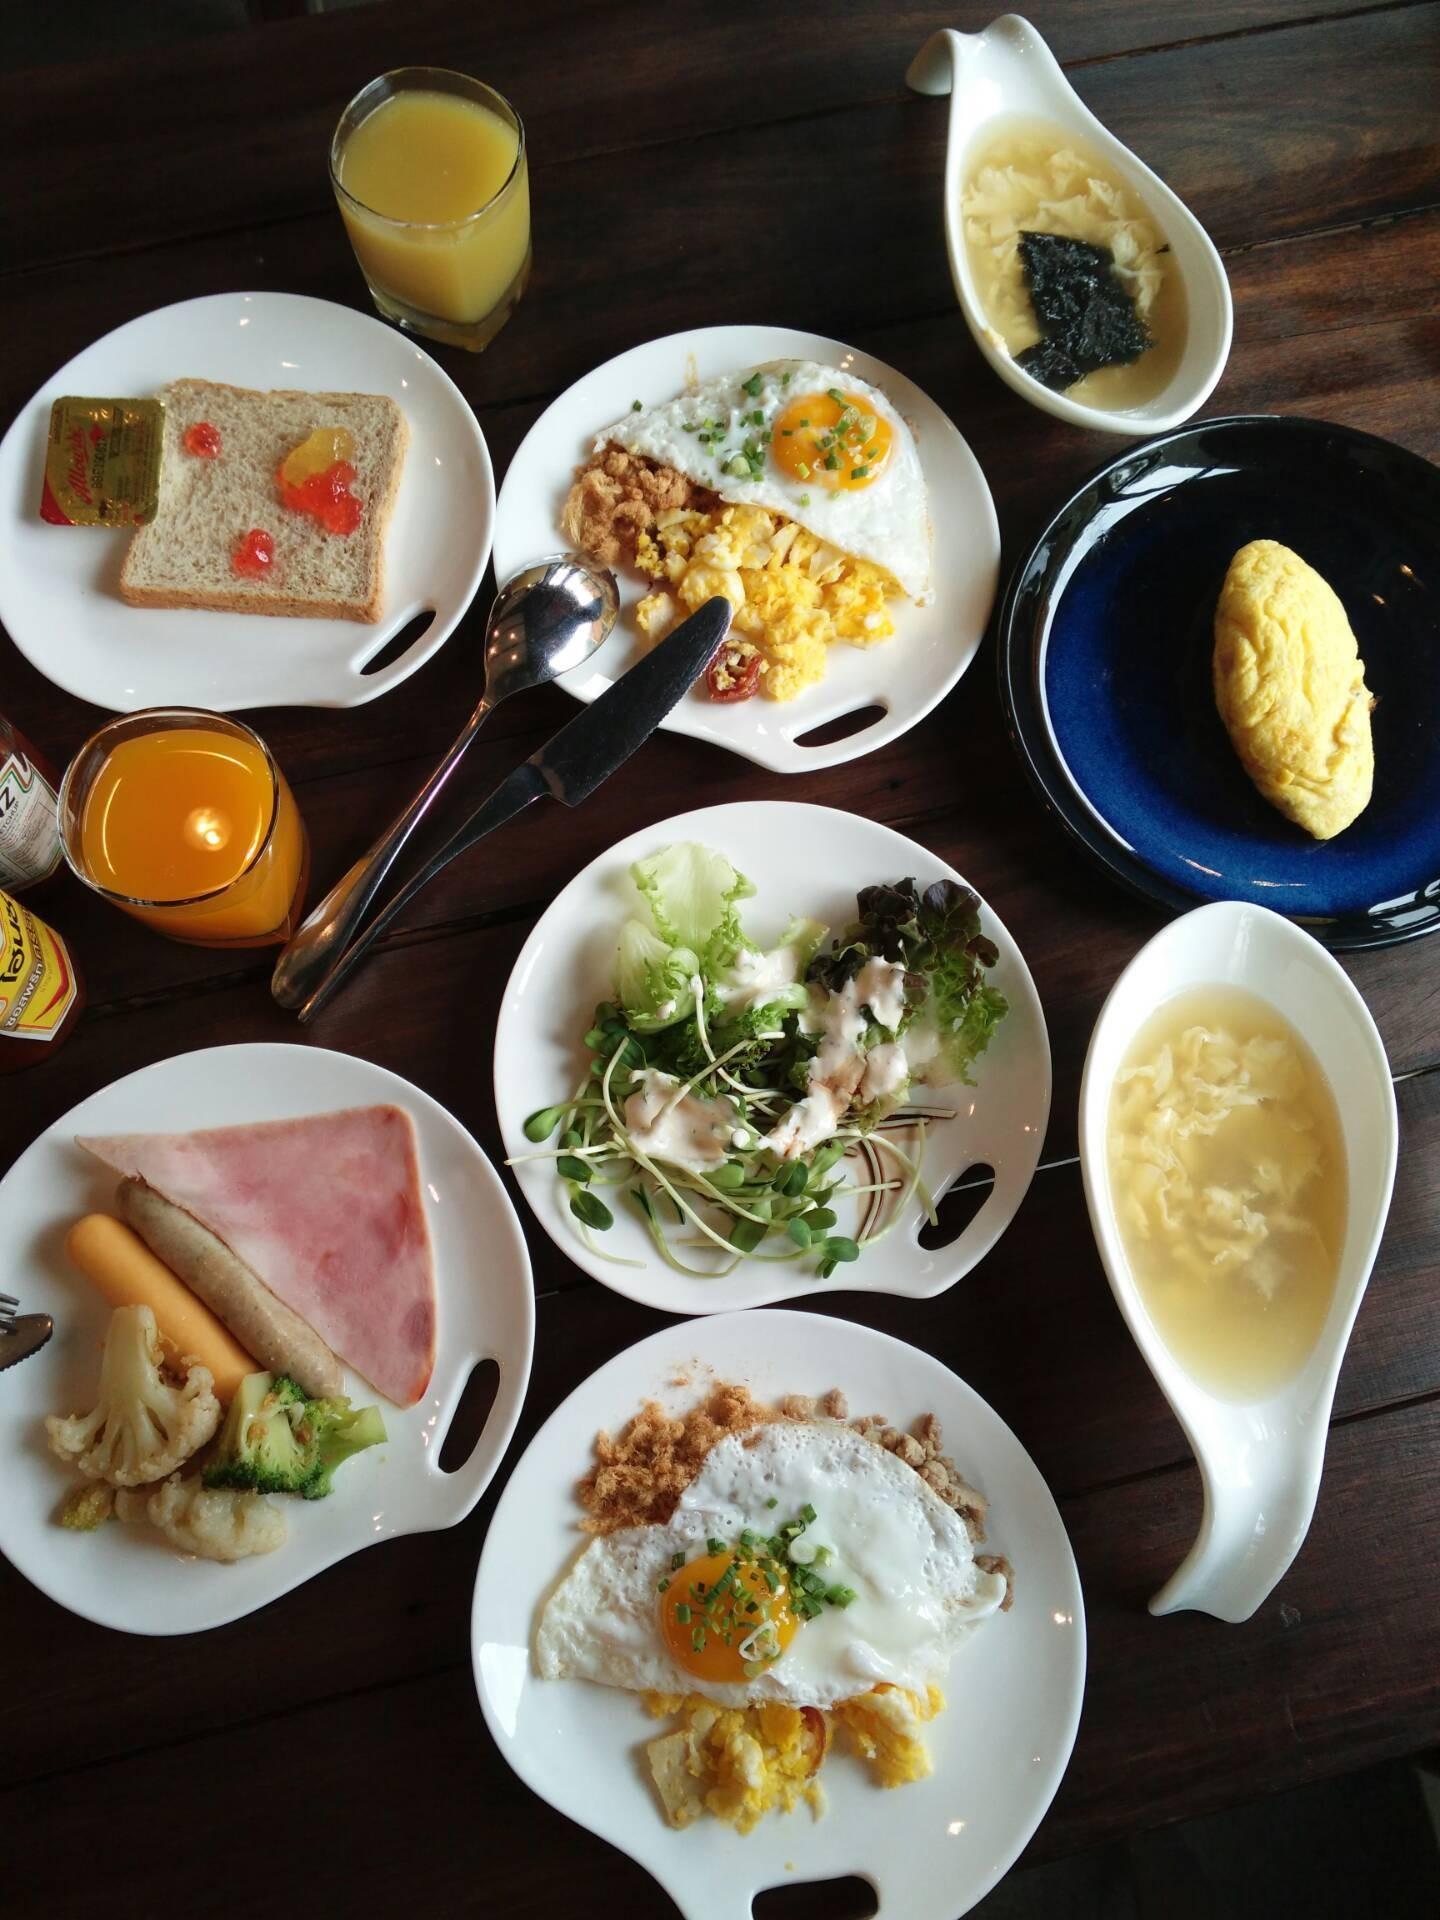 อาหารเช้า มีครบและอร่อย